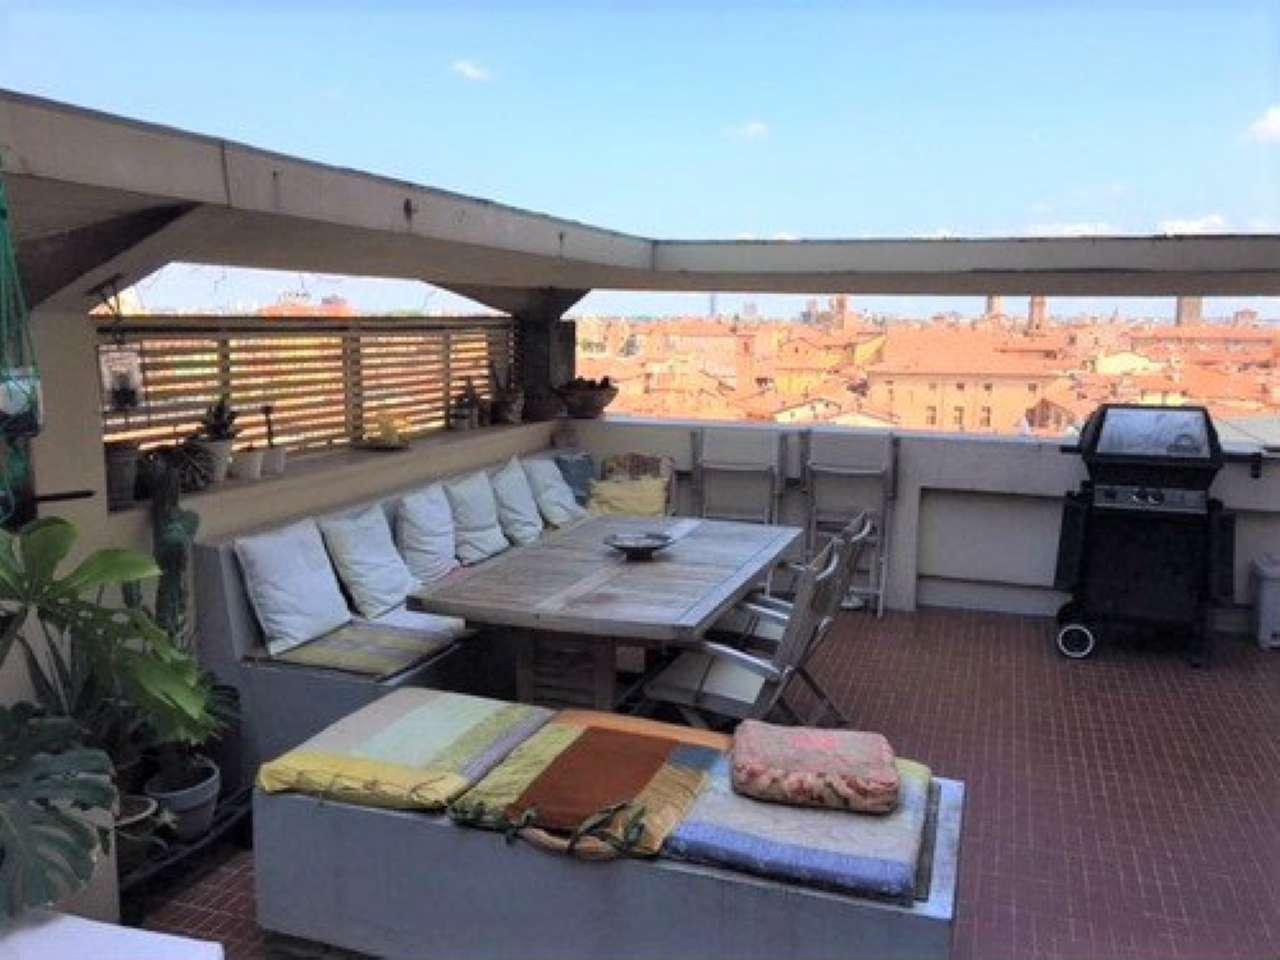 Attico / Mansarda in vendita a Bologna, 5 locali, zona Zona: 14 . Marconi, prezzo € 720.000 | CambioCasa.it